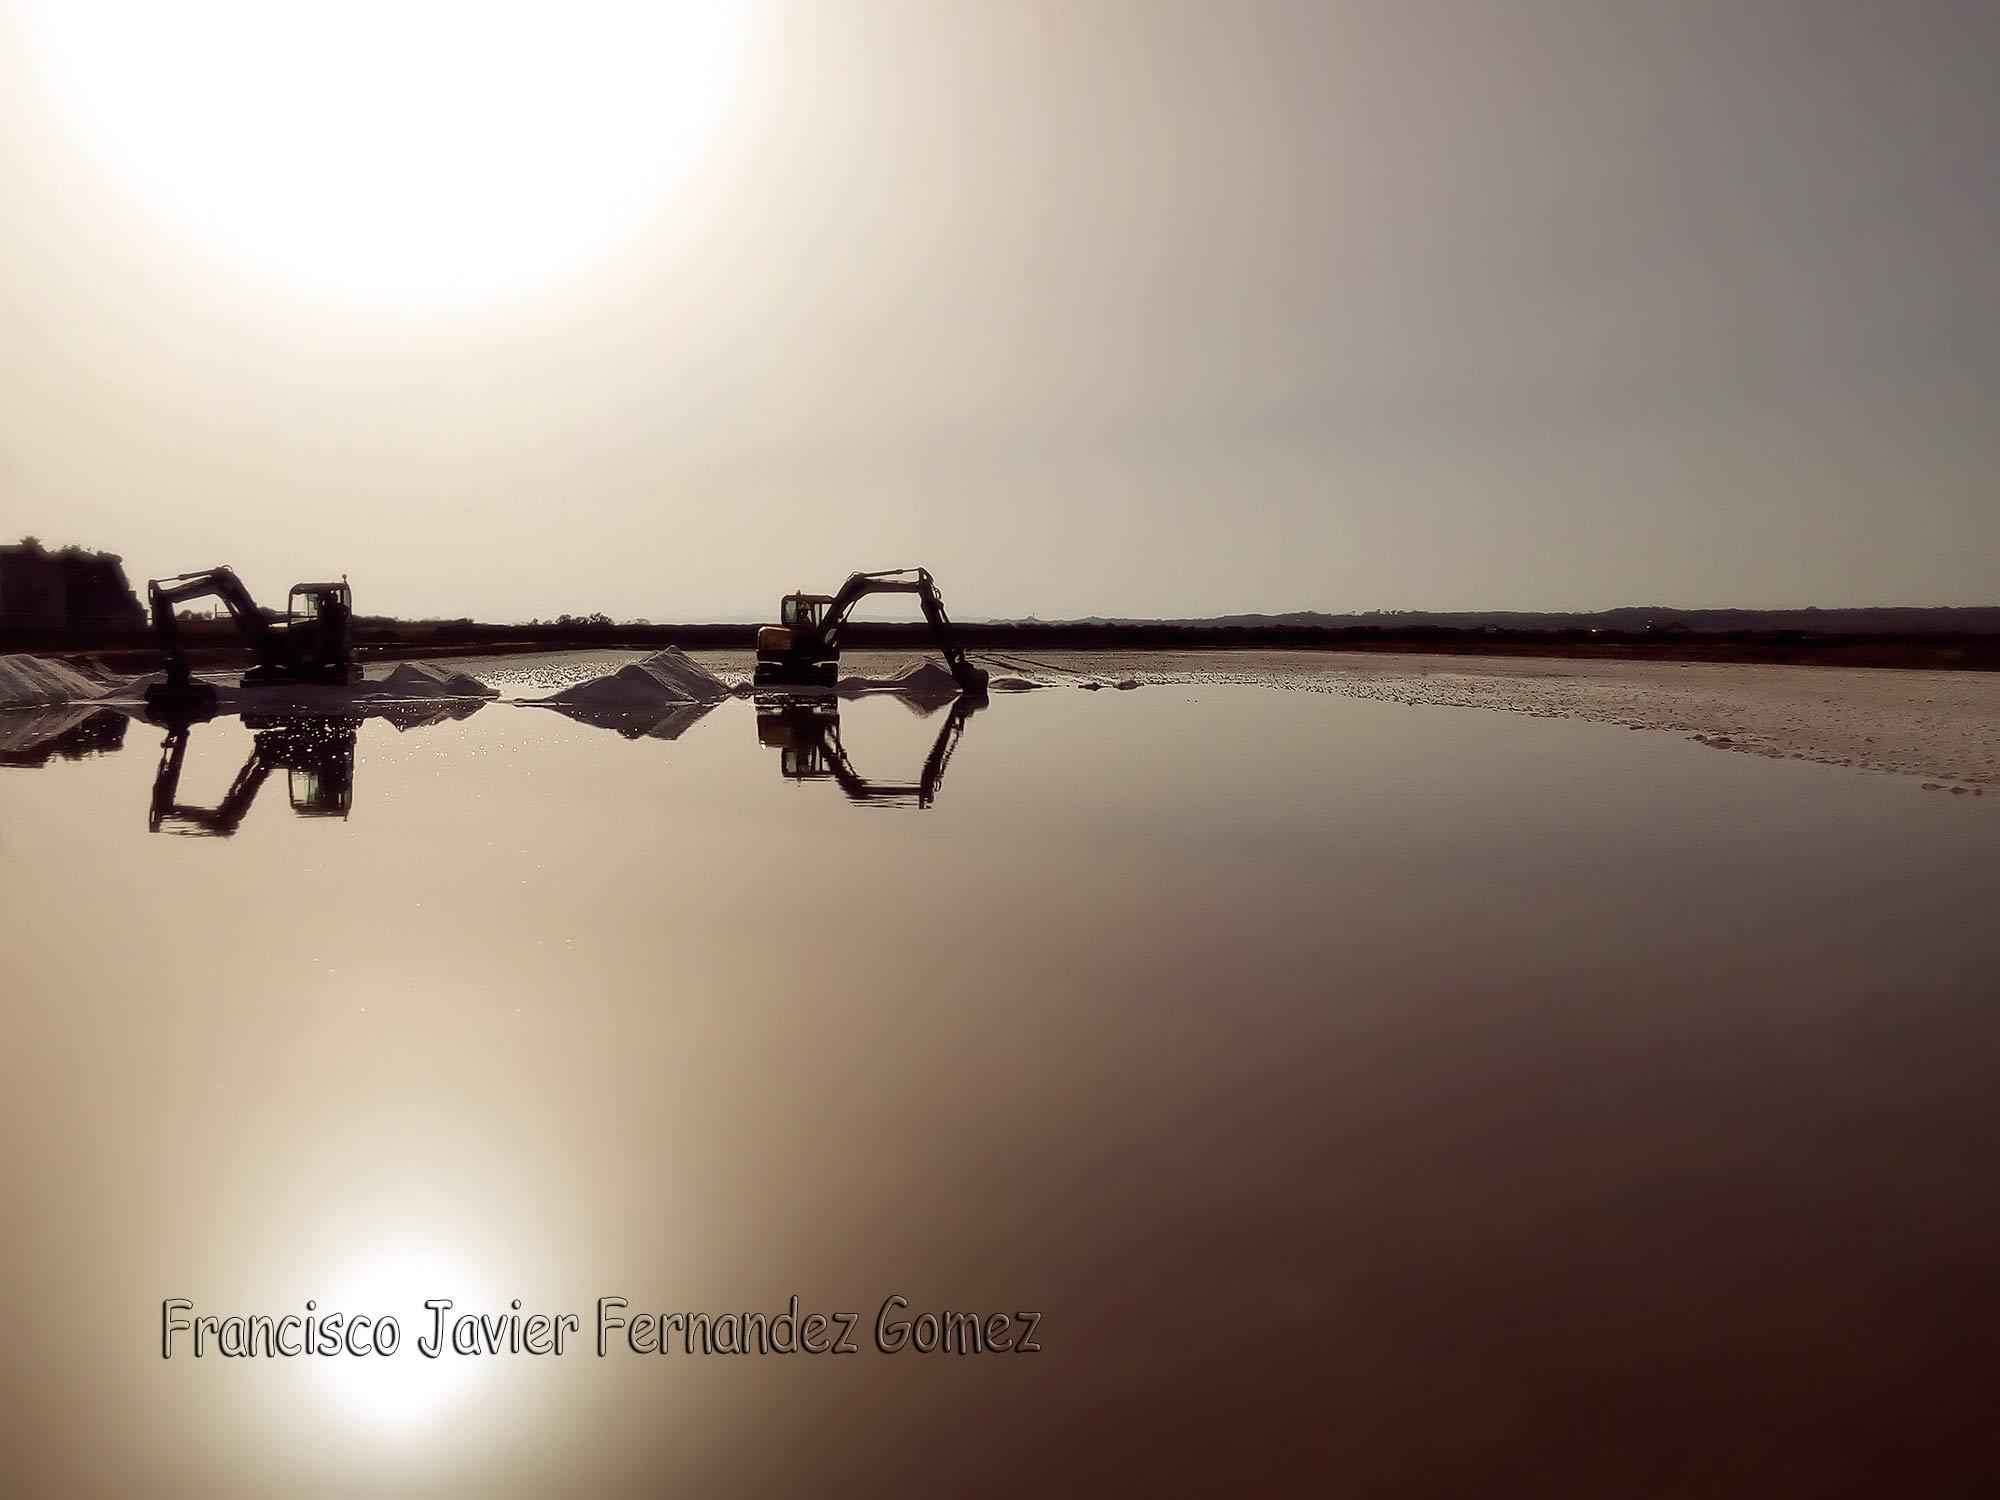 francisco-javier-fernandez-gomez-atardecer-infinito